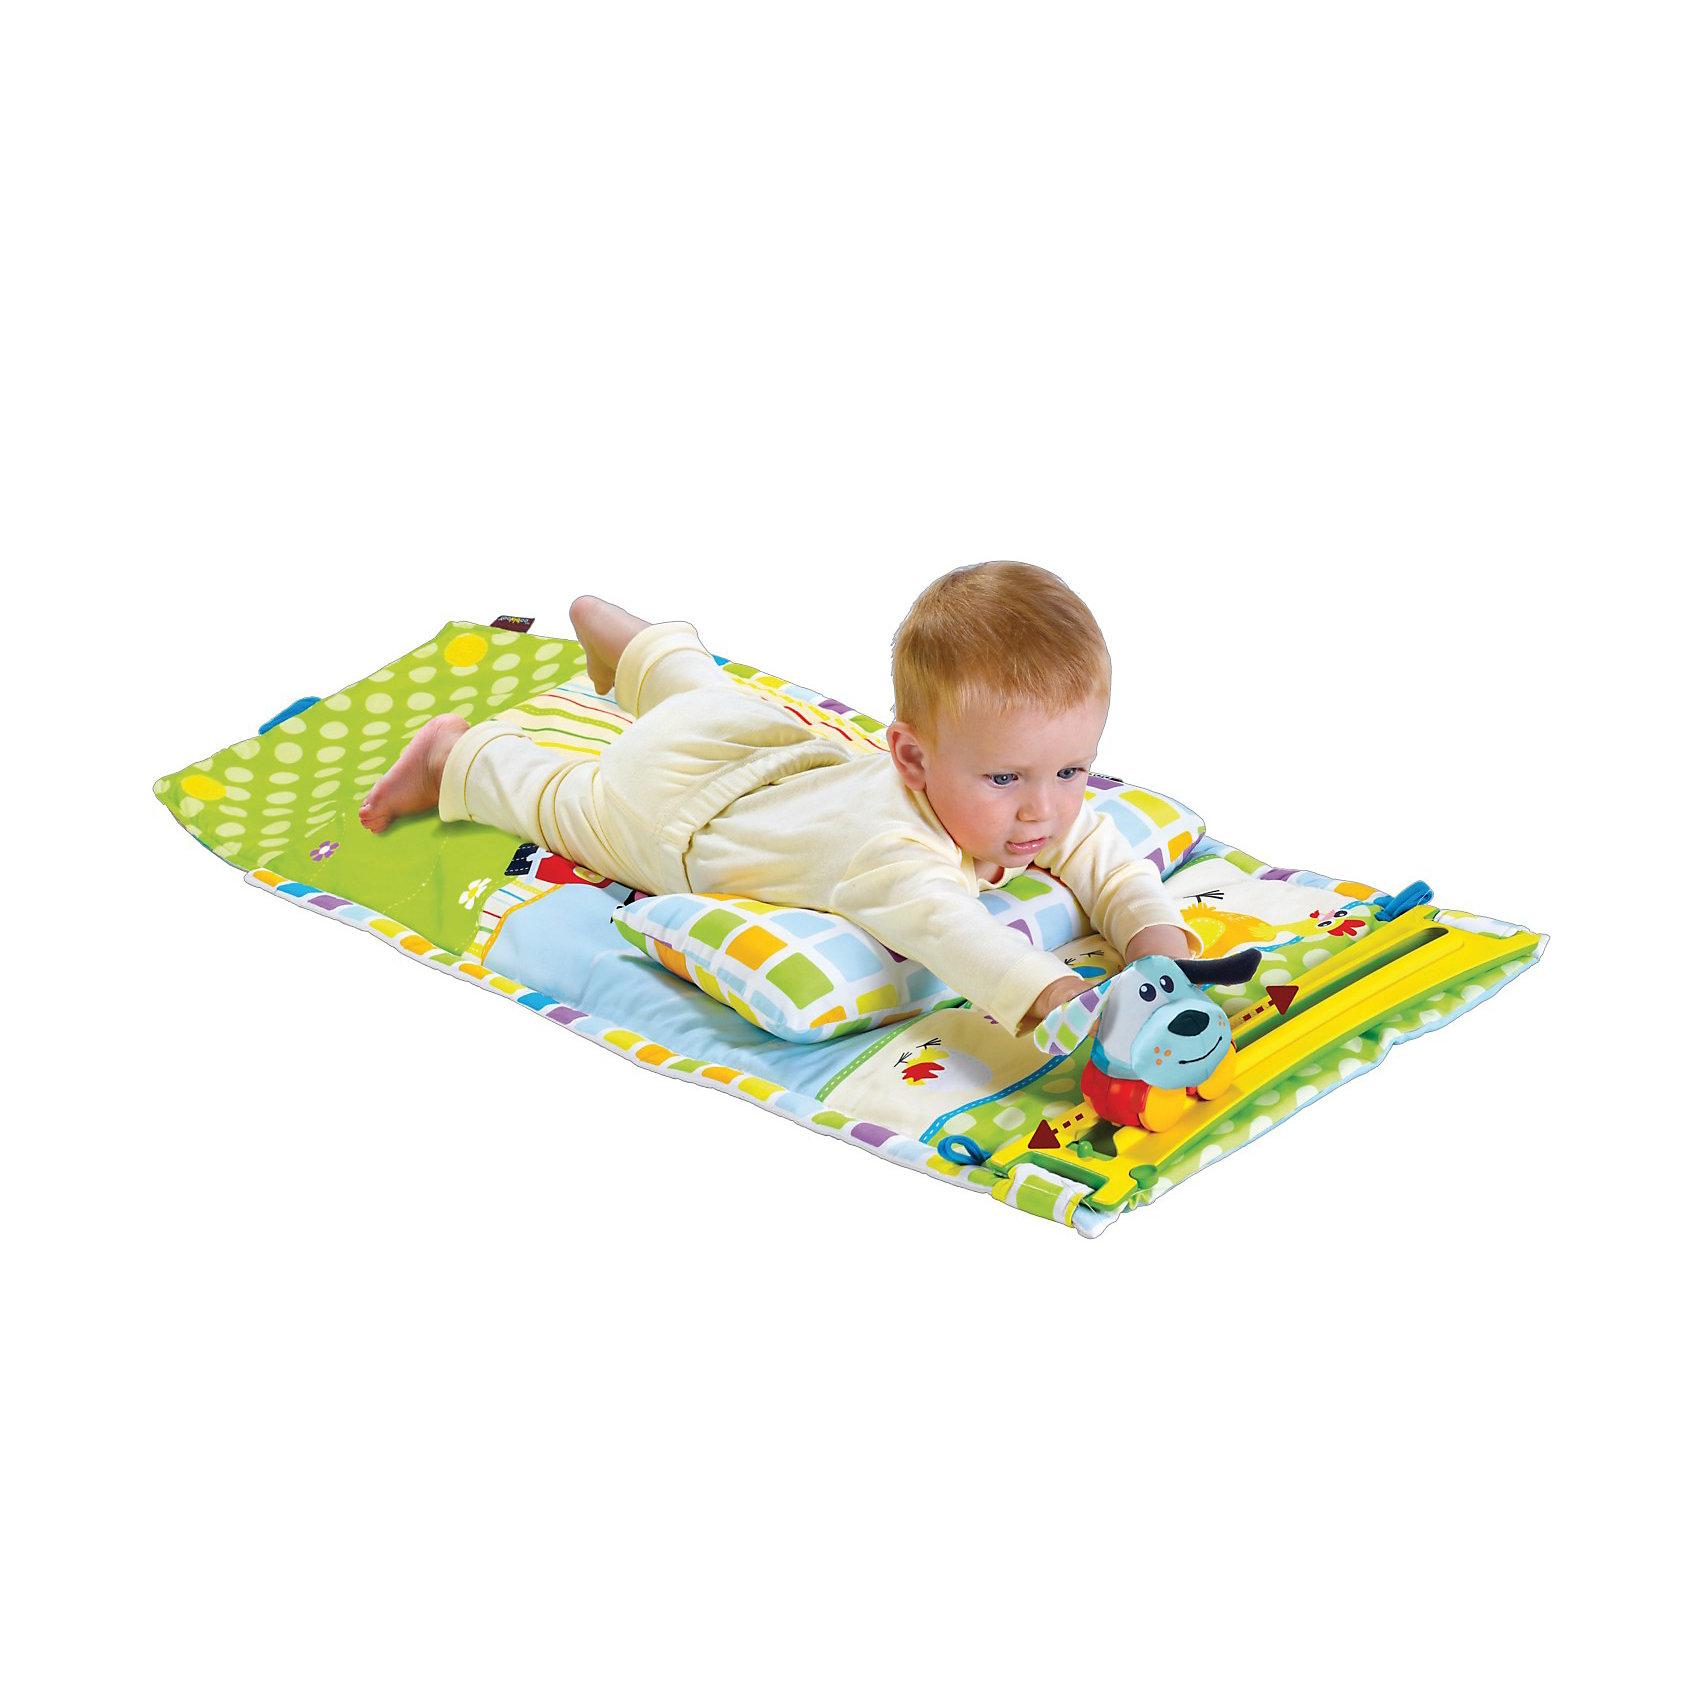 Yookidoo Коврик Маленький спортсменИгрушки для малышей<br>Yookidoo Маленький спортсмен - интерактивный развивающий коврик с игрушками и музыкальным сопровождением, который обязательно понравится вашему малышу!<br><br>Коврик прекрасно подходит для детей, которые уже вышли из пеленочного возраста и могут играть как лежа, так и сидя.<br>Во время своих игр малыш сможет постоянно упражняться: и когда играет с мягкими игрушками и машинкой (они входят в комплект), и когда следит за перемещением машинки по дорожке, поворачивая голову и корпус тела вправо-влево! Незаметно для самого себя, малыш развивает и укрепляет мышцы всего своего тела, развивает периферийное зрение.<br><br>Коврик имеет два музыкальных режима, каждый по 10 минут: 1 - для релаксации и 2 - для стимуляции. Также есть бесшумный режим.<br><br><br><br>Дополнительная информация:<br><br>- Предназначен для игры сидя и/или на животе.<br>- В комплект входит: большой мат, съемная дорожка, 2 мягкие игрушки (корова и собака), машинка (на батарейках). <br>- Машинка работает от батареек и двигается по дорожке влево-вправо.<br>- Во время игры можно включить/выключить музыкальное сопровождение.<br>- 2 музыкальных режима:  для расслабления и стимуляции, каждый по 10 минут. <br>- Коврик удобно складывается для транспортировки.<br>- Коврик снабжен большим карманом для мелочей<br>- Выполнен из высококачественных гипоаллергенных материалов, абсолютно безопасных для здоровья малыша.<br>- Разрешена стирка при температуре не  более  30 градусов.<br><br>Ширина мм: 800<br>Глубина мм: 105<br>Высота мм: 510<br>Вес г: 1270<br>Возраст от месяцев: 3<br>Возраст до месяцев: 12<br>Пол: Унисекс<br>Возраст: Детский<br>SKU: 3109935